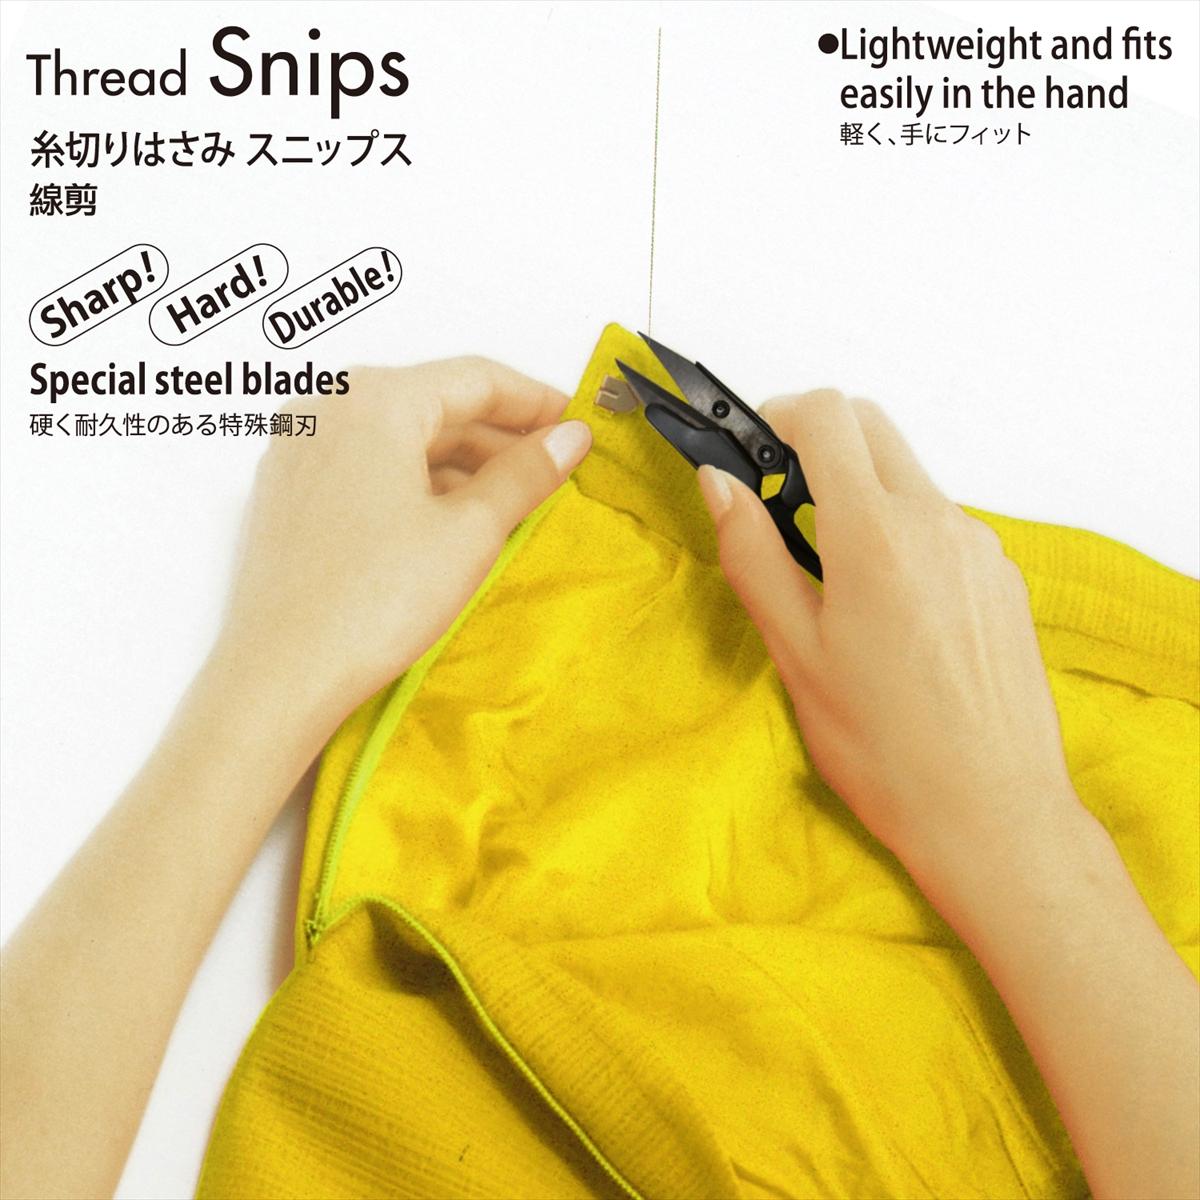 レオニス 硬く耐久性のある特殊鋼刃 糸切りはさみスニップス 92110 [M便 1/12]